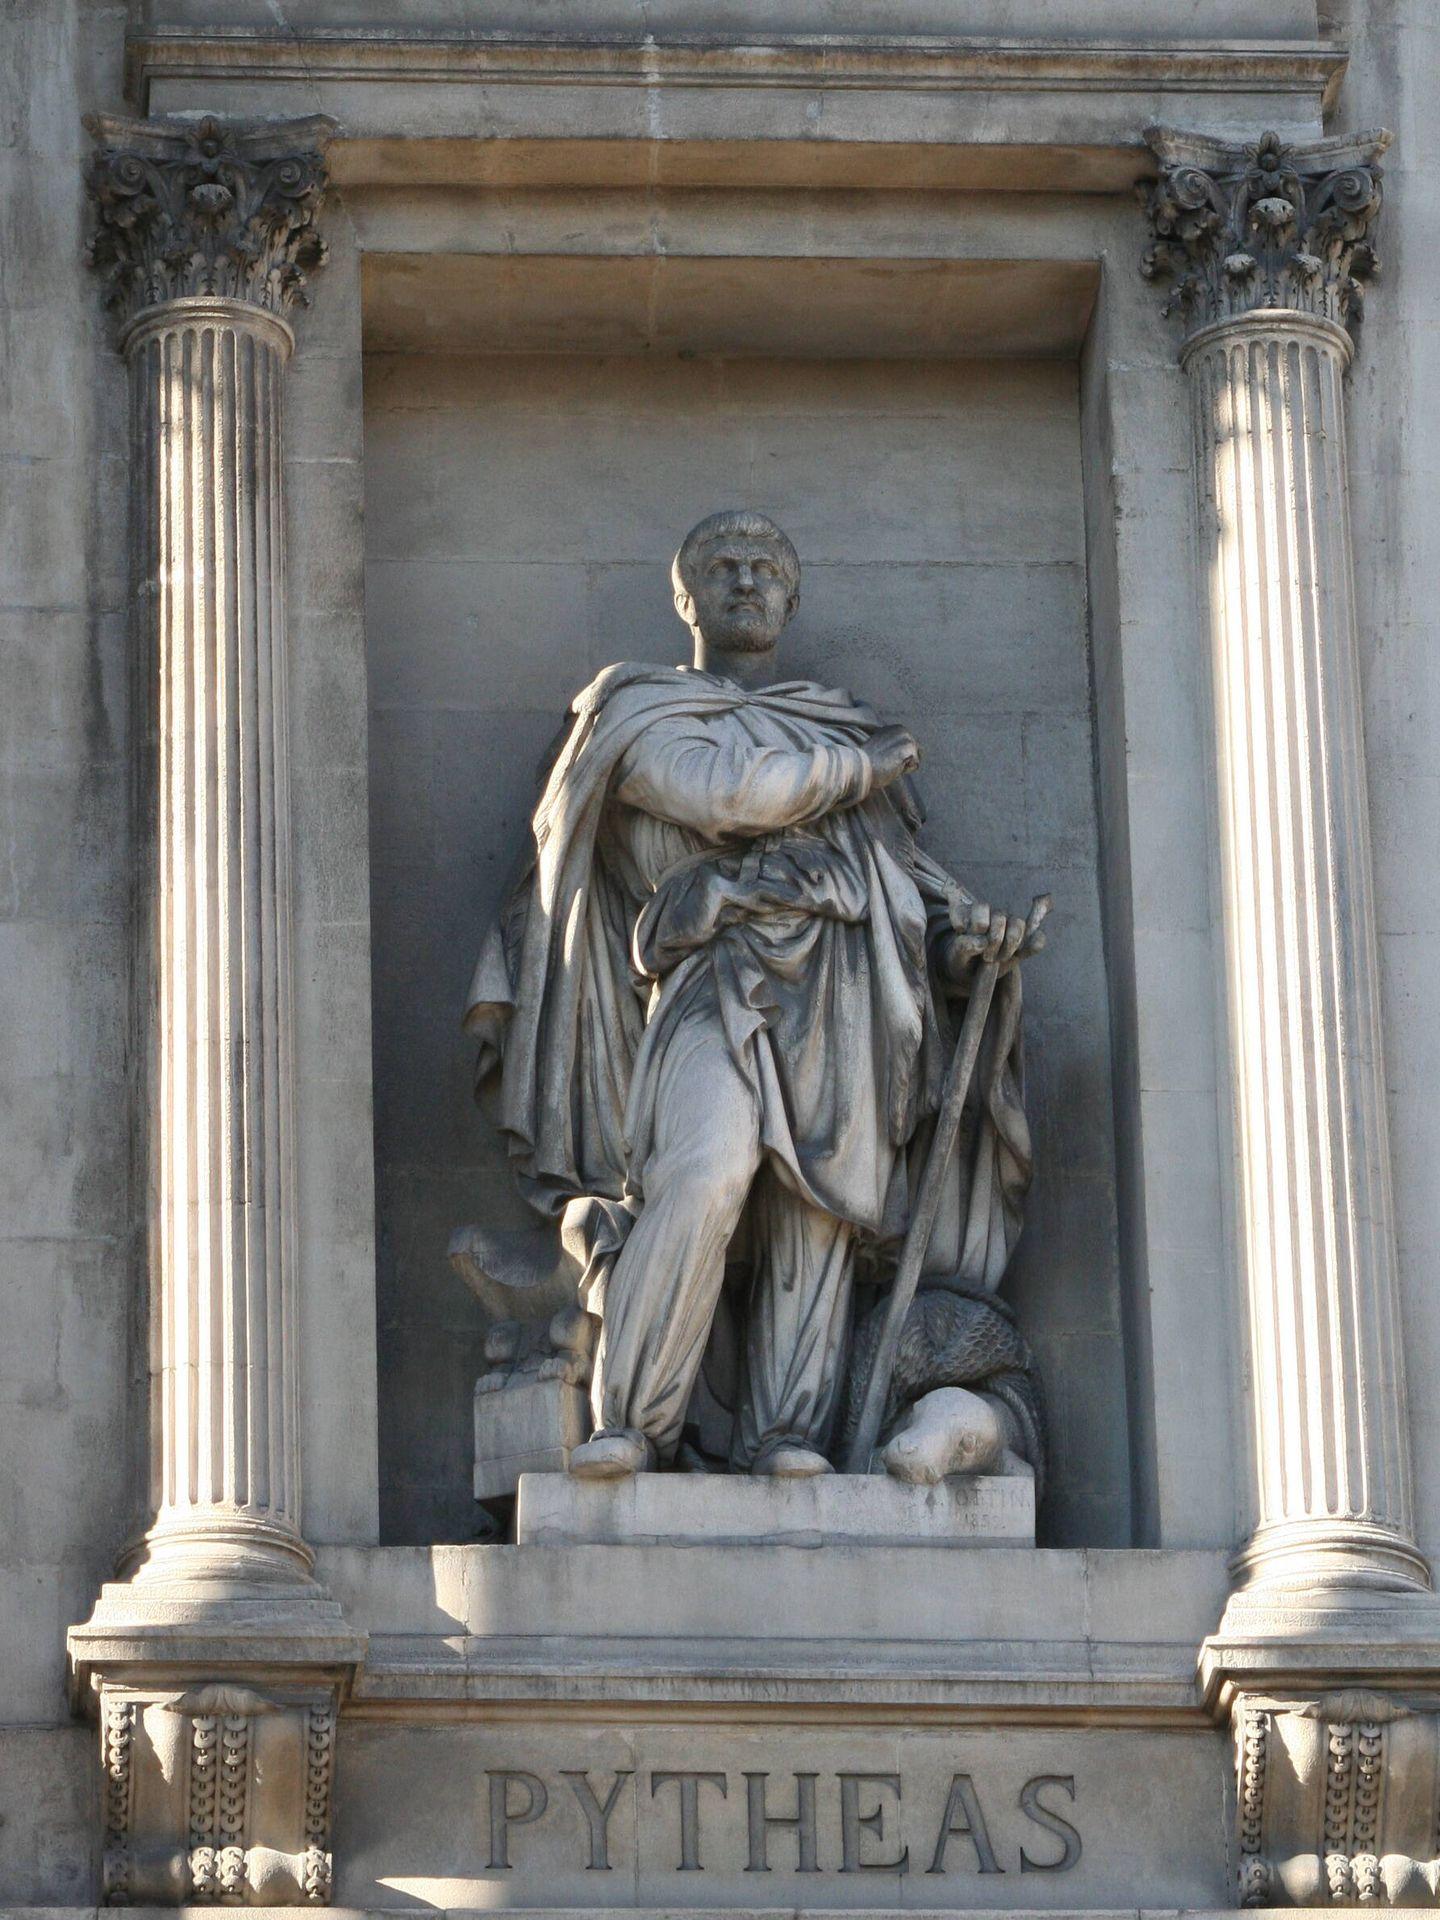 Estatua de Piteas en la fachada de la Bolsa de Marsella.